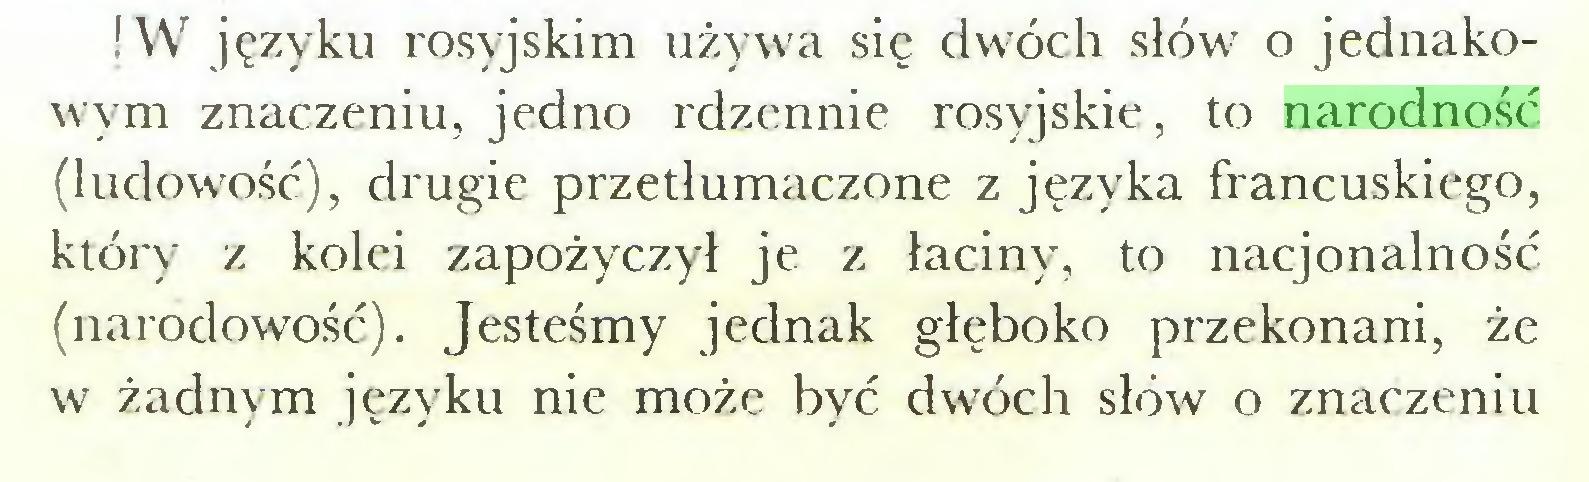 (...) [W języku rosyjskim używa się dwóch słów o jednakowym znaczeniu, jedno rdzennie rosyjskie, to narodność (ludowość), drugie przetłumaczone z języka francuskiego, który z kolei zapożyczył je z łaciny, to nacjonalność (narodowość). Jesteśmy jednak głęboko przekonani, że w żadnym języku nie może być dwóch słów o znaczeniu...